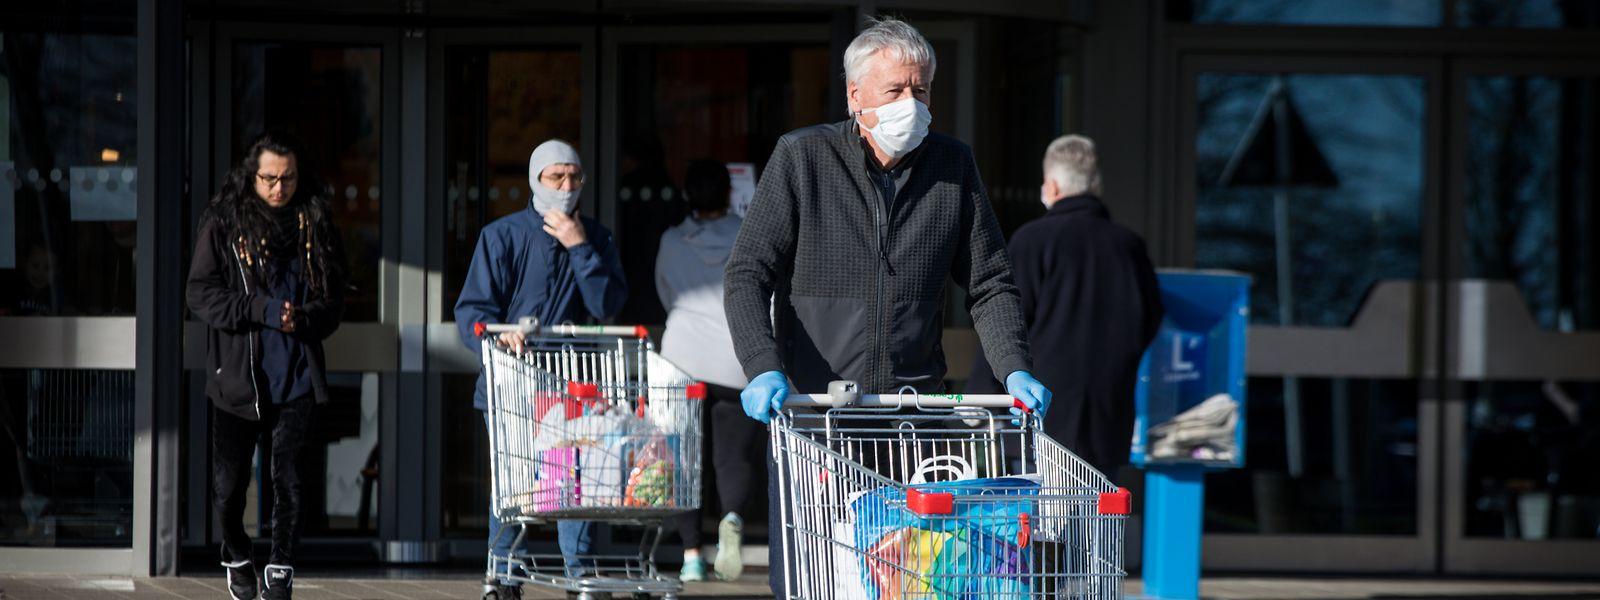 Der LCGB fordert, dass die Prämien, die einige Supermarktketten ihren Mitarbeitern wegen der zusätzlichen Belastung ausbezahlen, steuerfrei sein sollen.